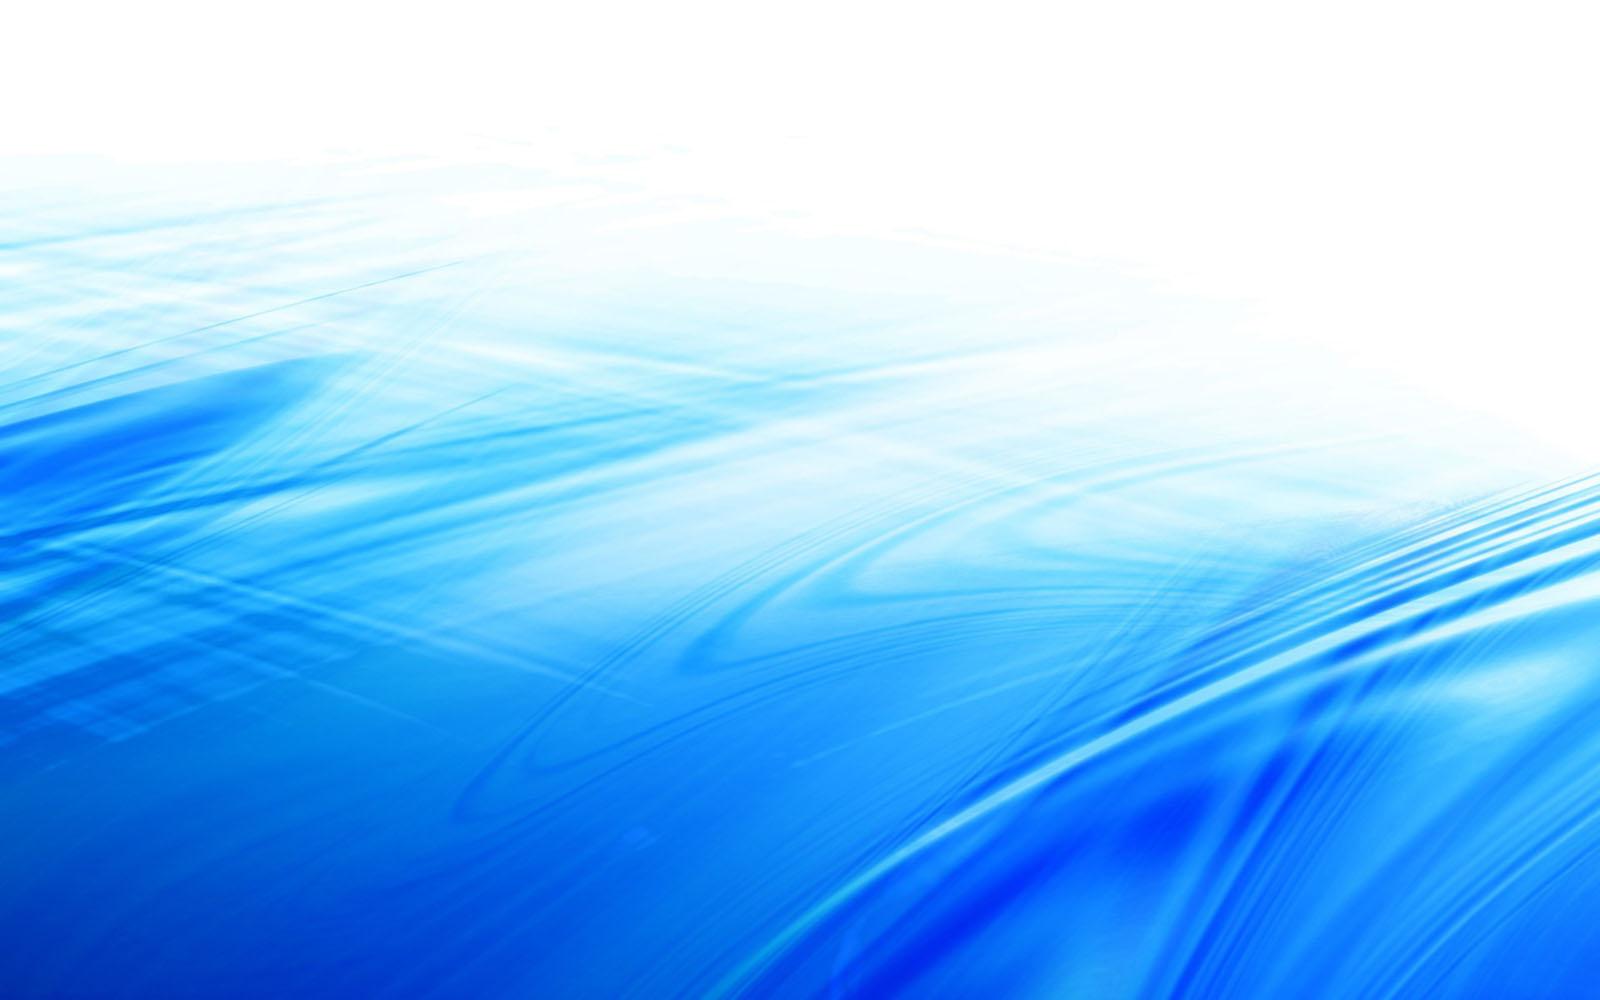 Abstract Blue Wallpapers Desktop Wallpaper 1600x1000